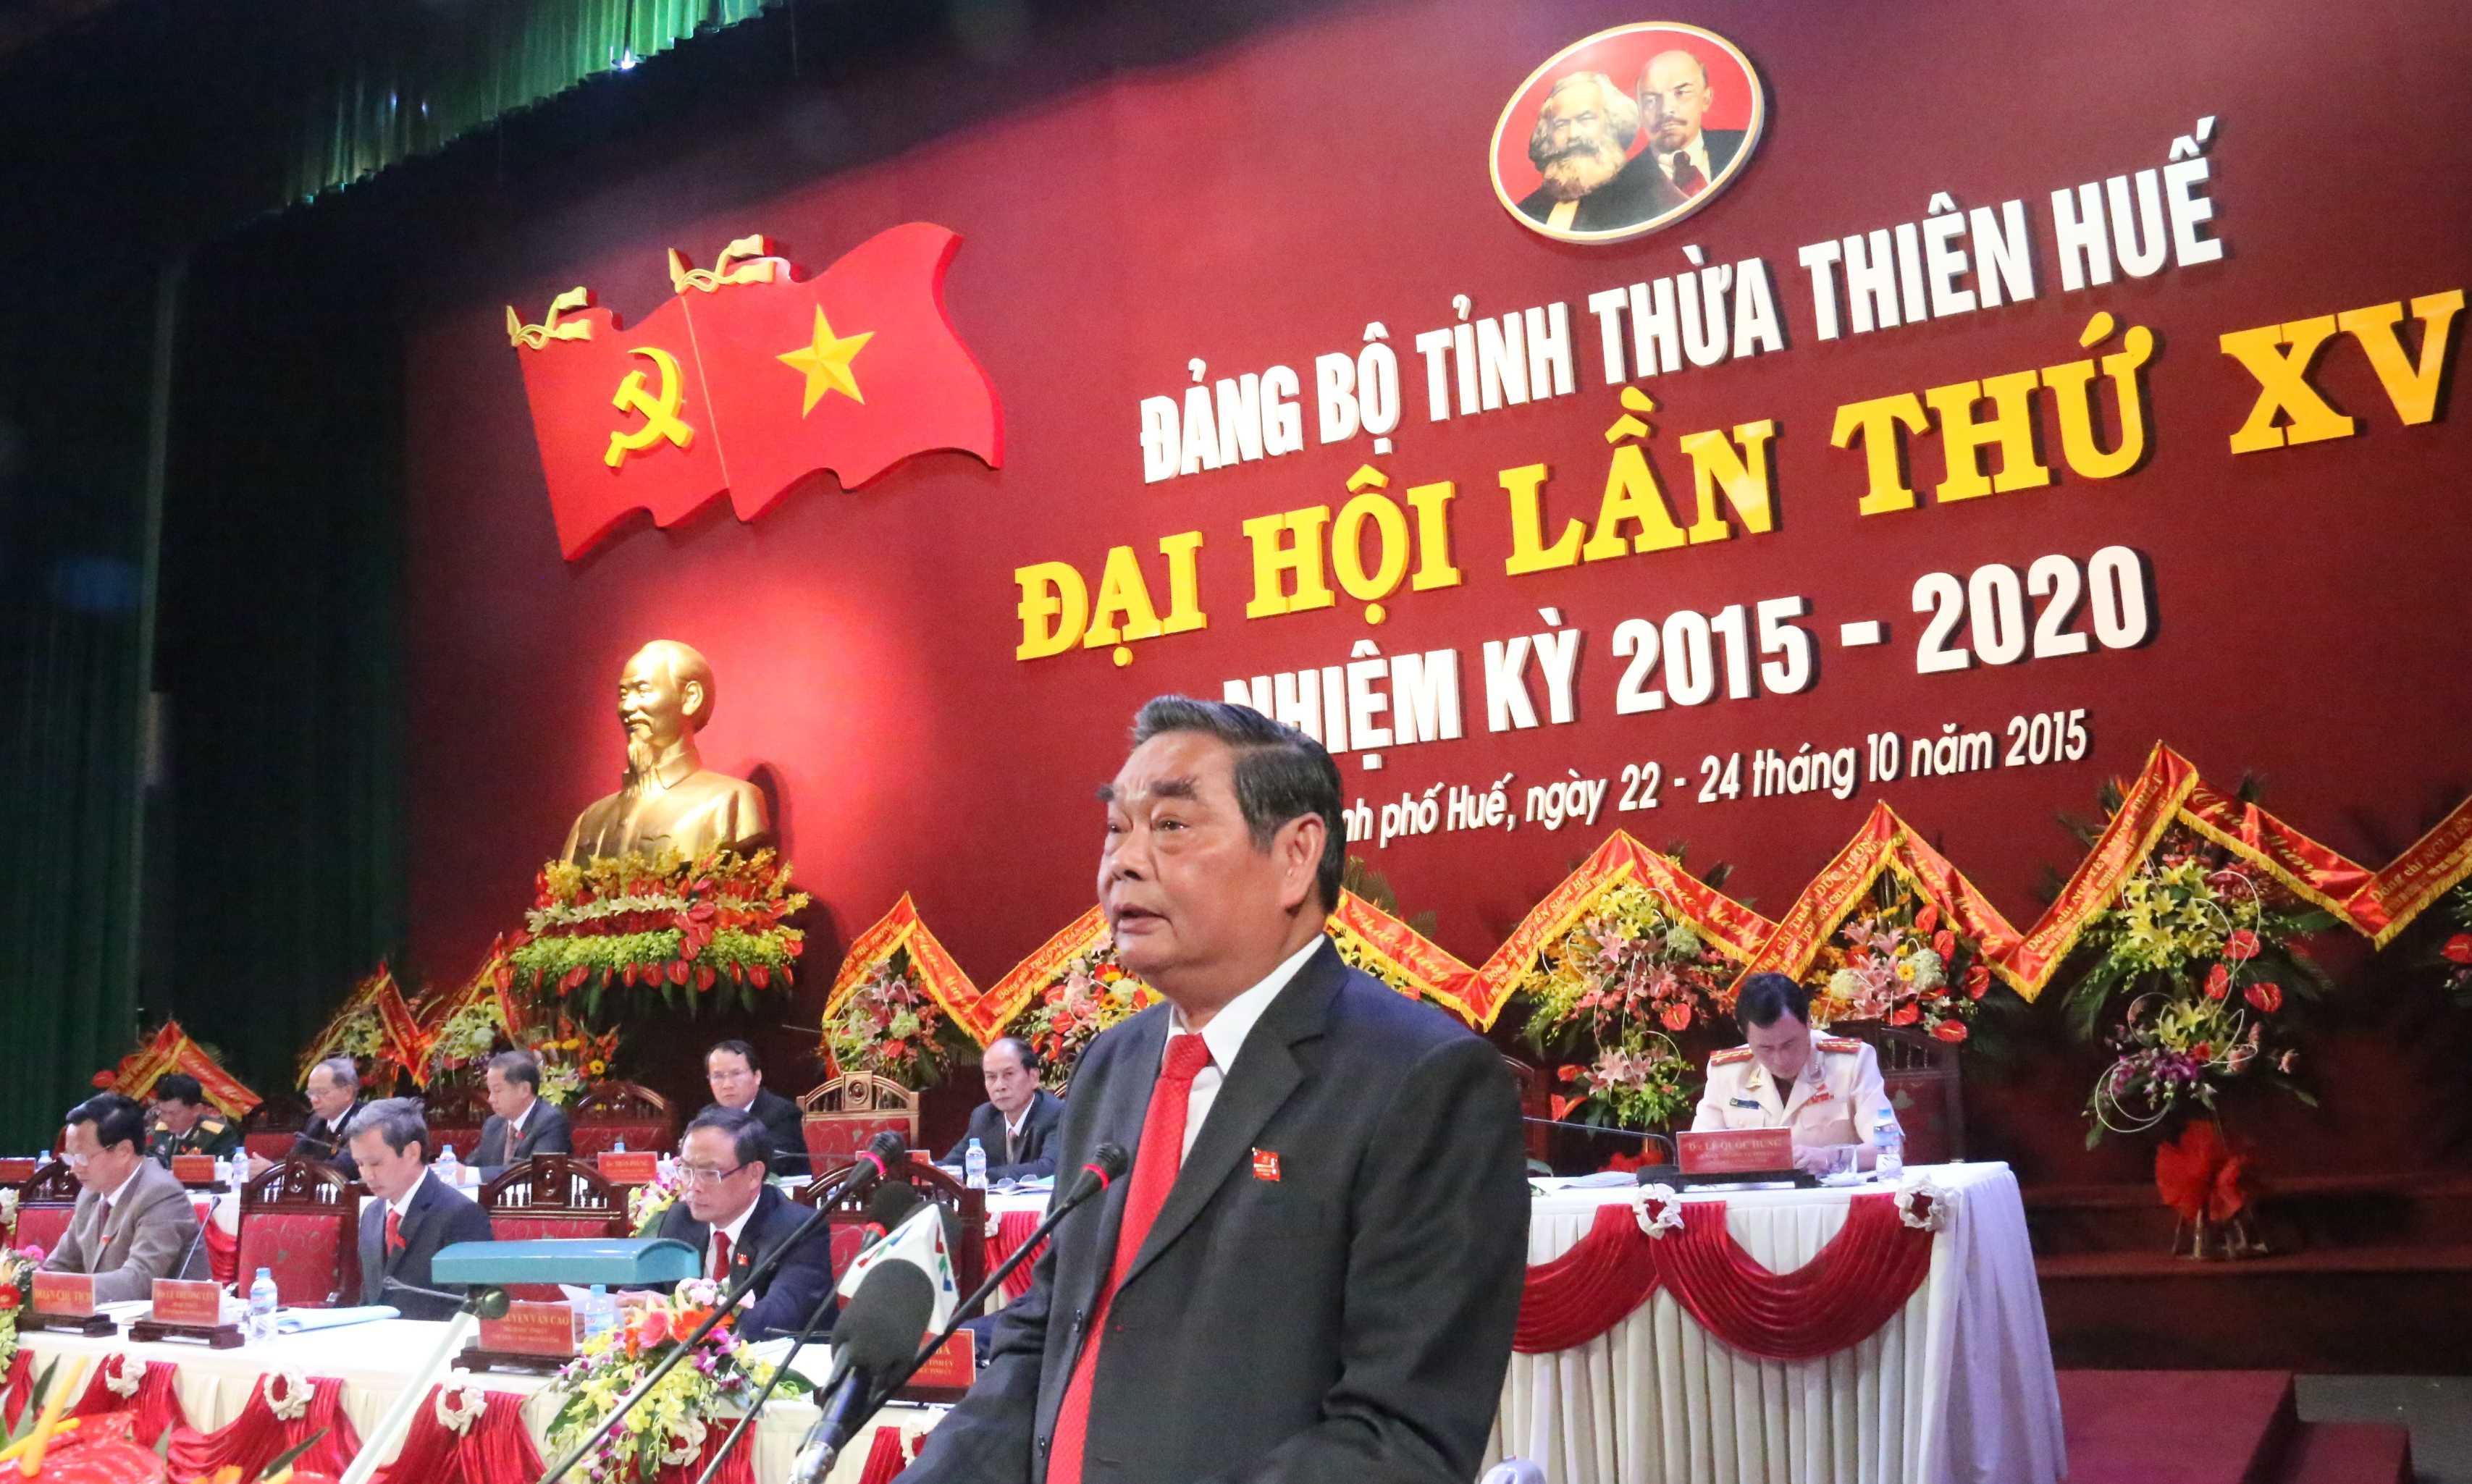 Đồng chí Lê Hồng Anh nhấn mạnh tại đại hội, cần sớm đưa Thừa Thiên - Huế lên thành phố trực thuộc trung ương.